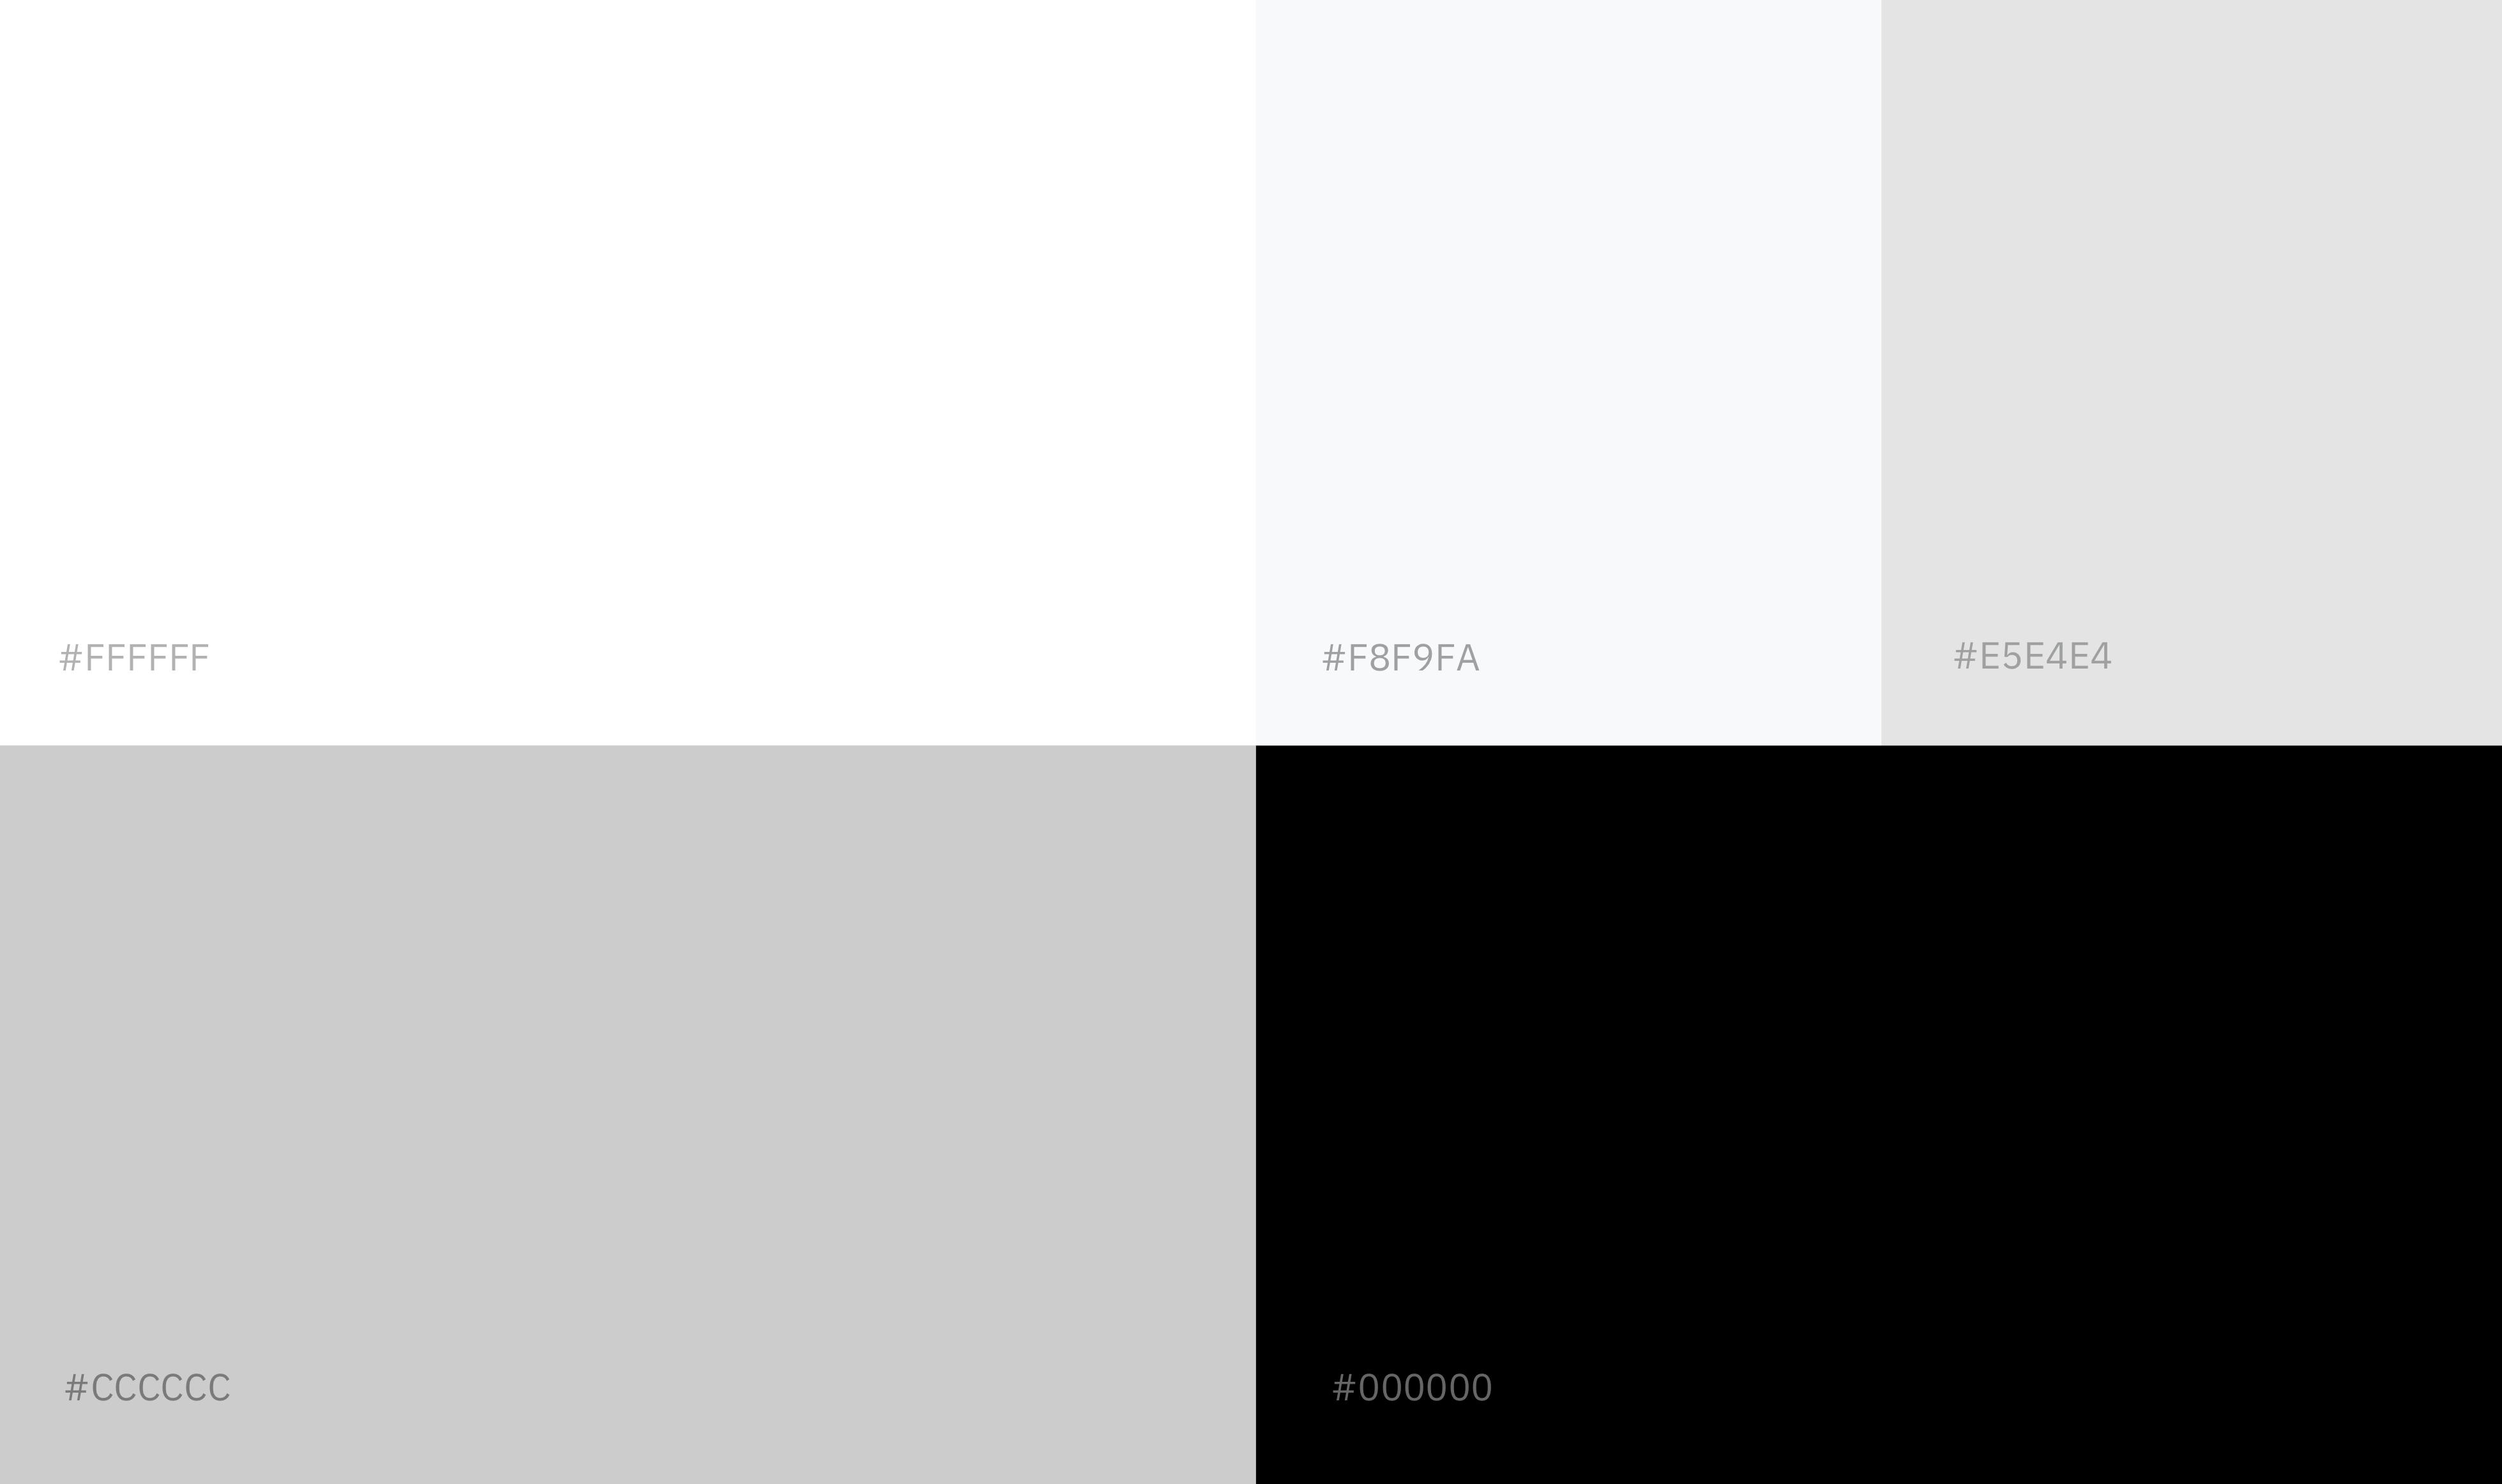 Schermafbeelding 2020-09-30 om 17.04.34